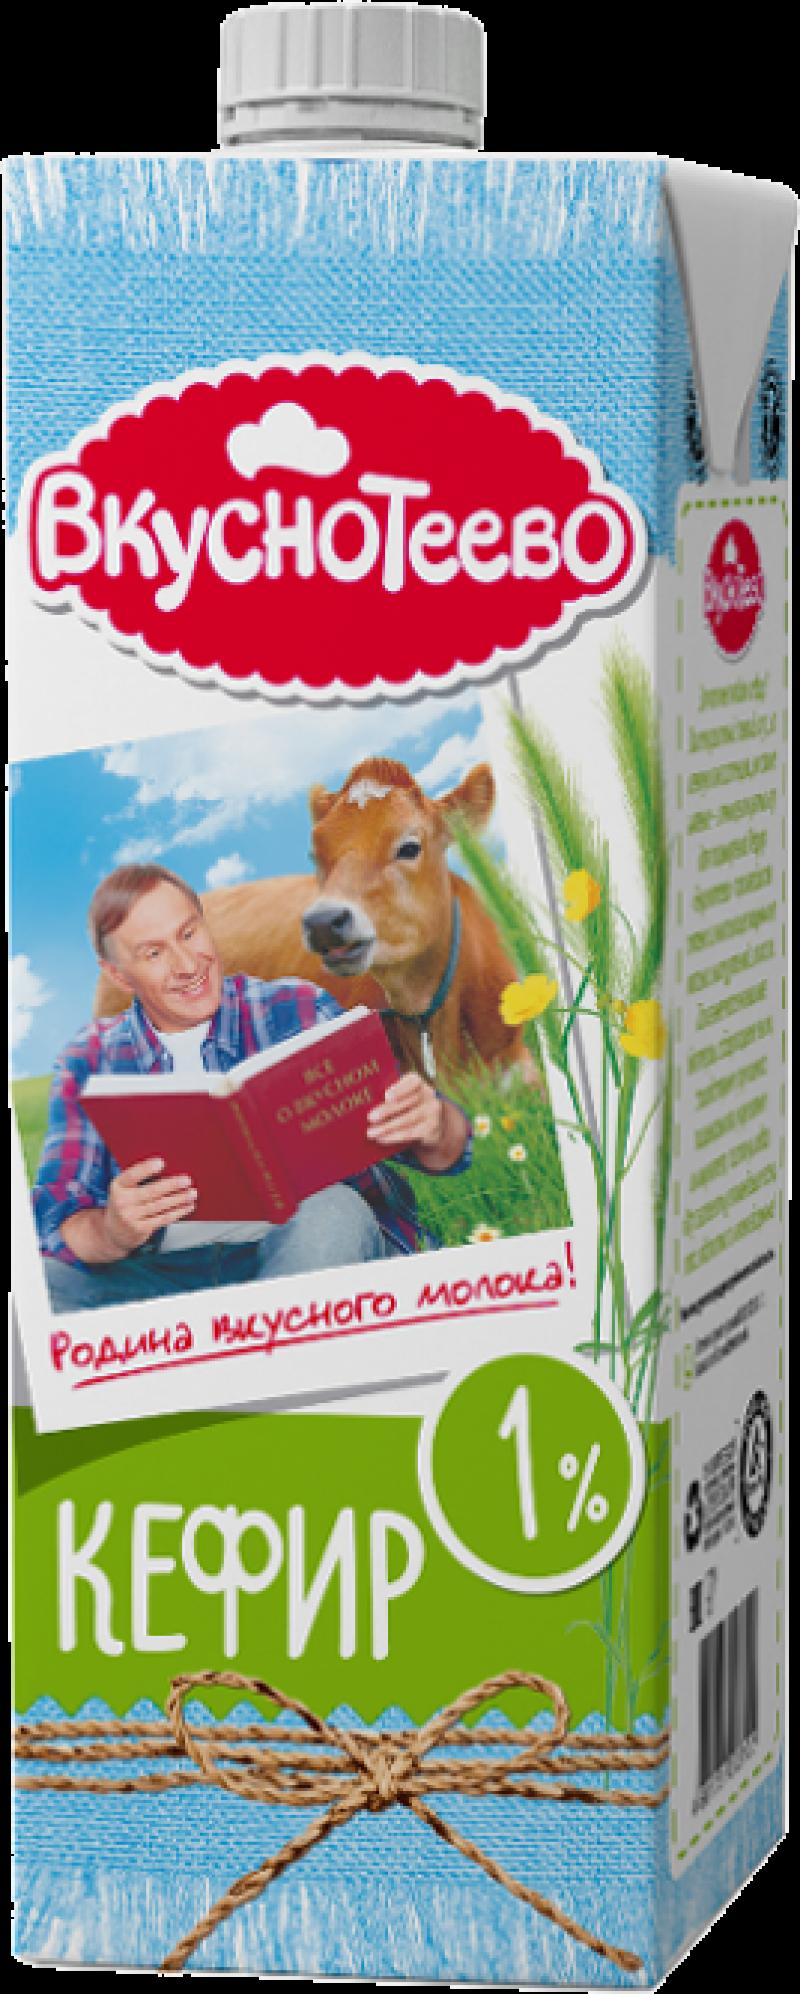 Кефир ТМ Вкуснотеево 1% 1л